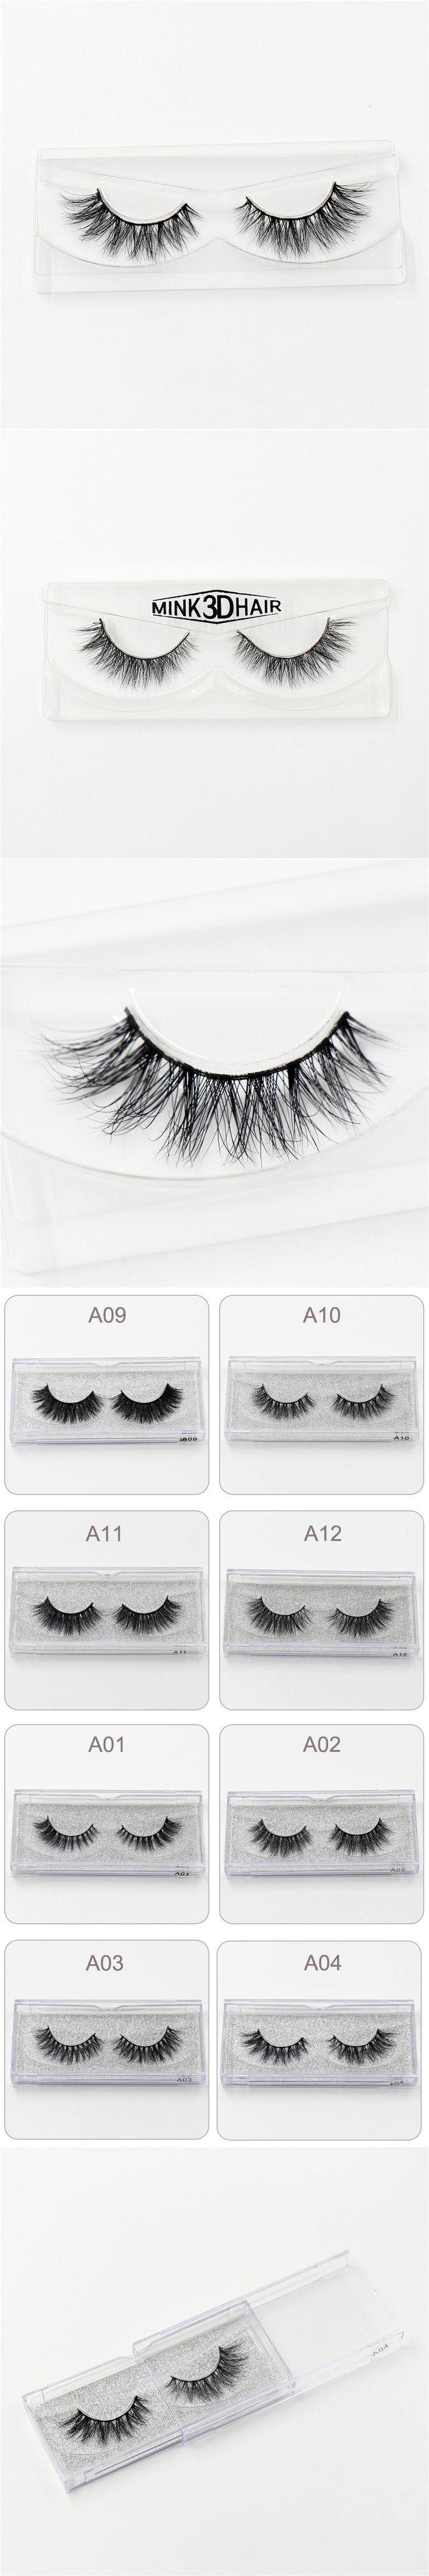 3D Mink Eyelash Real Mink Handmade Crossing Lashes Individual Strip Thick Lash Fake Eyelashes A04